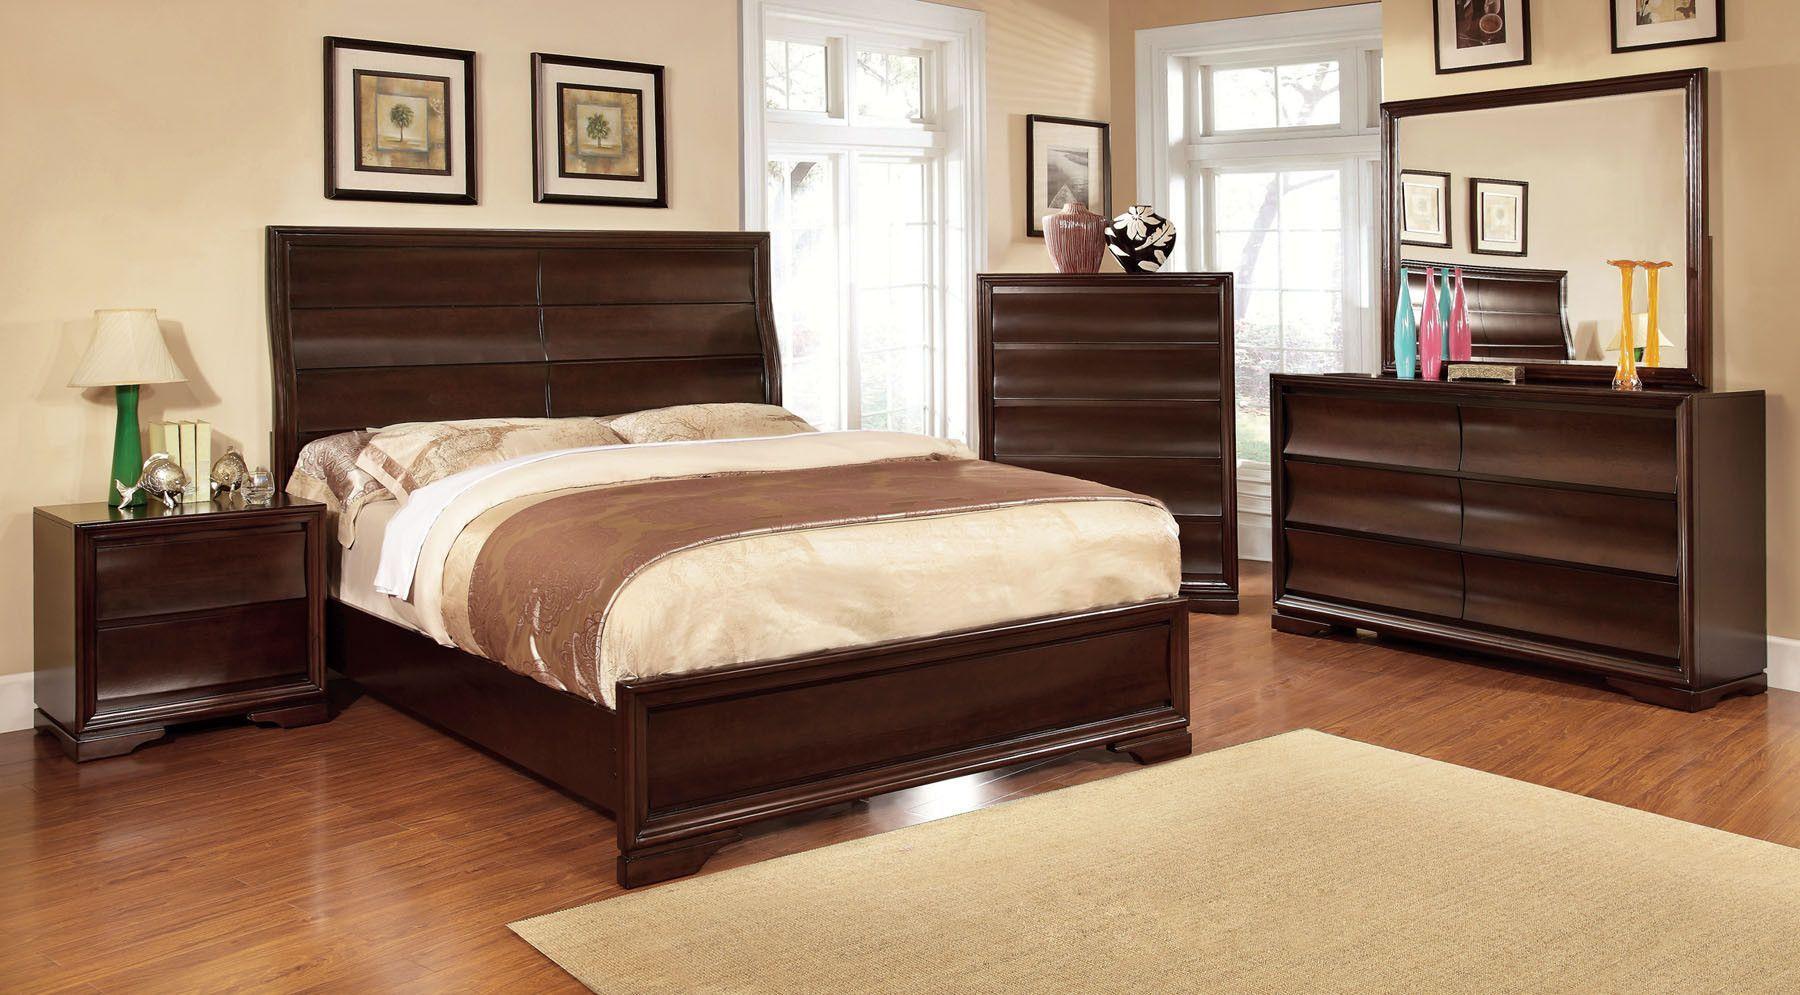 Kozi Beds Cm7119 Furniture Bedroom Sets Cheap Furniture Online